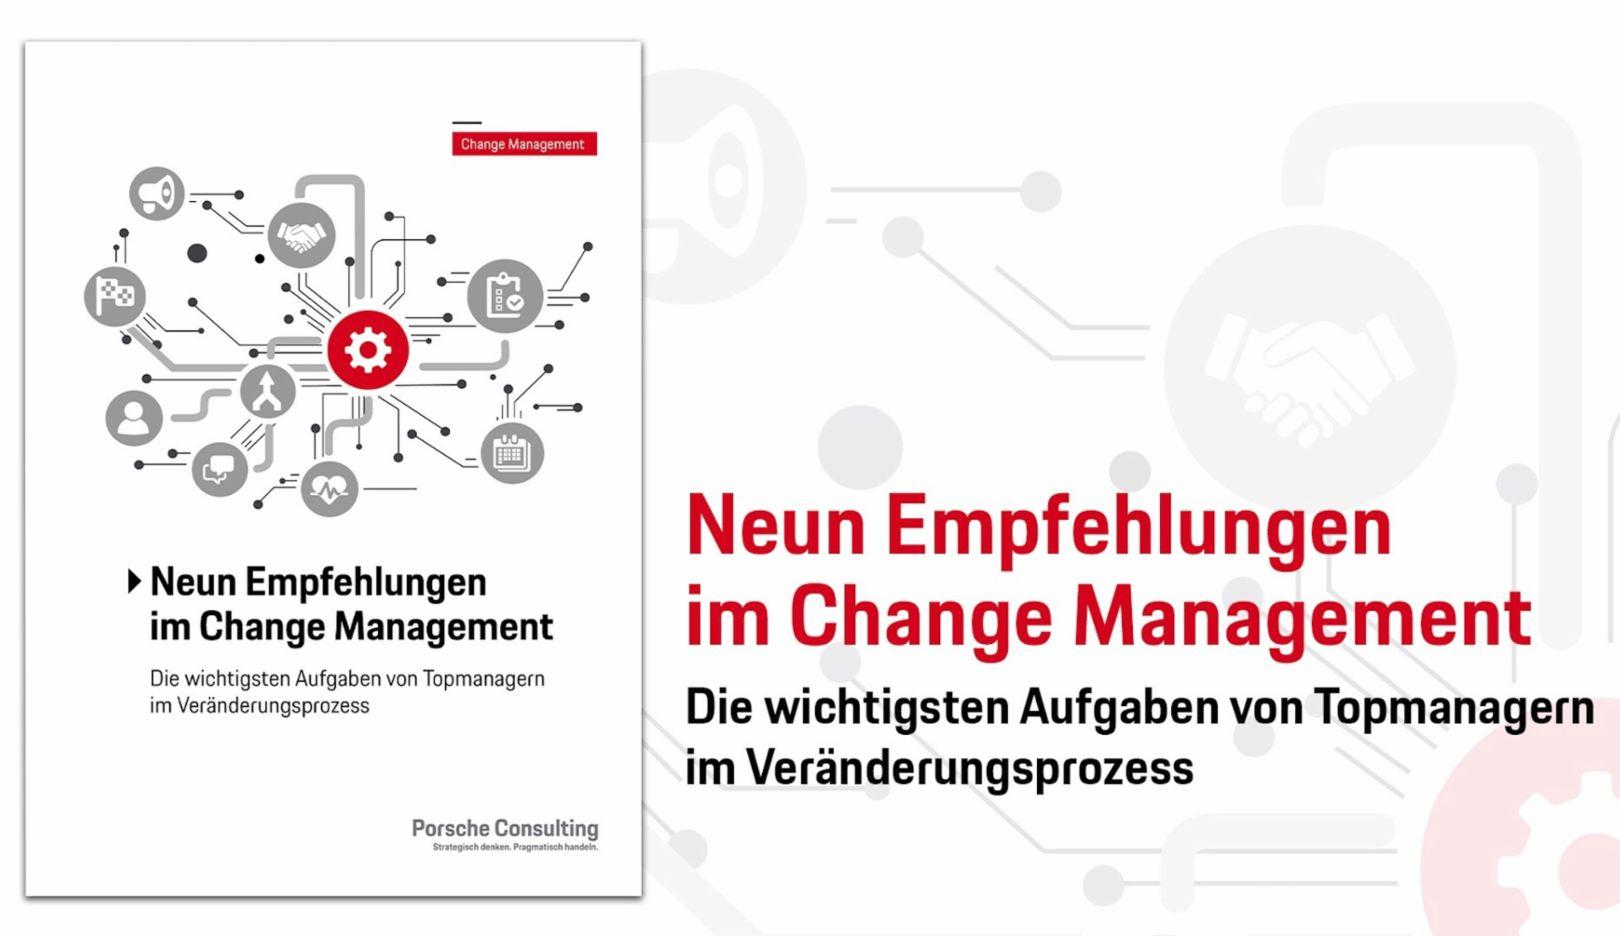 Neun Empfehlungen im Change Management, 2018, Porsche Consulting